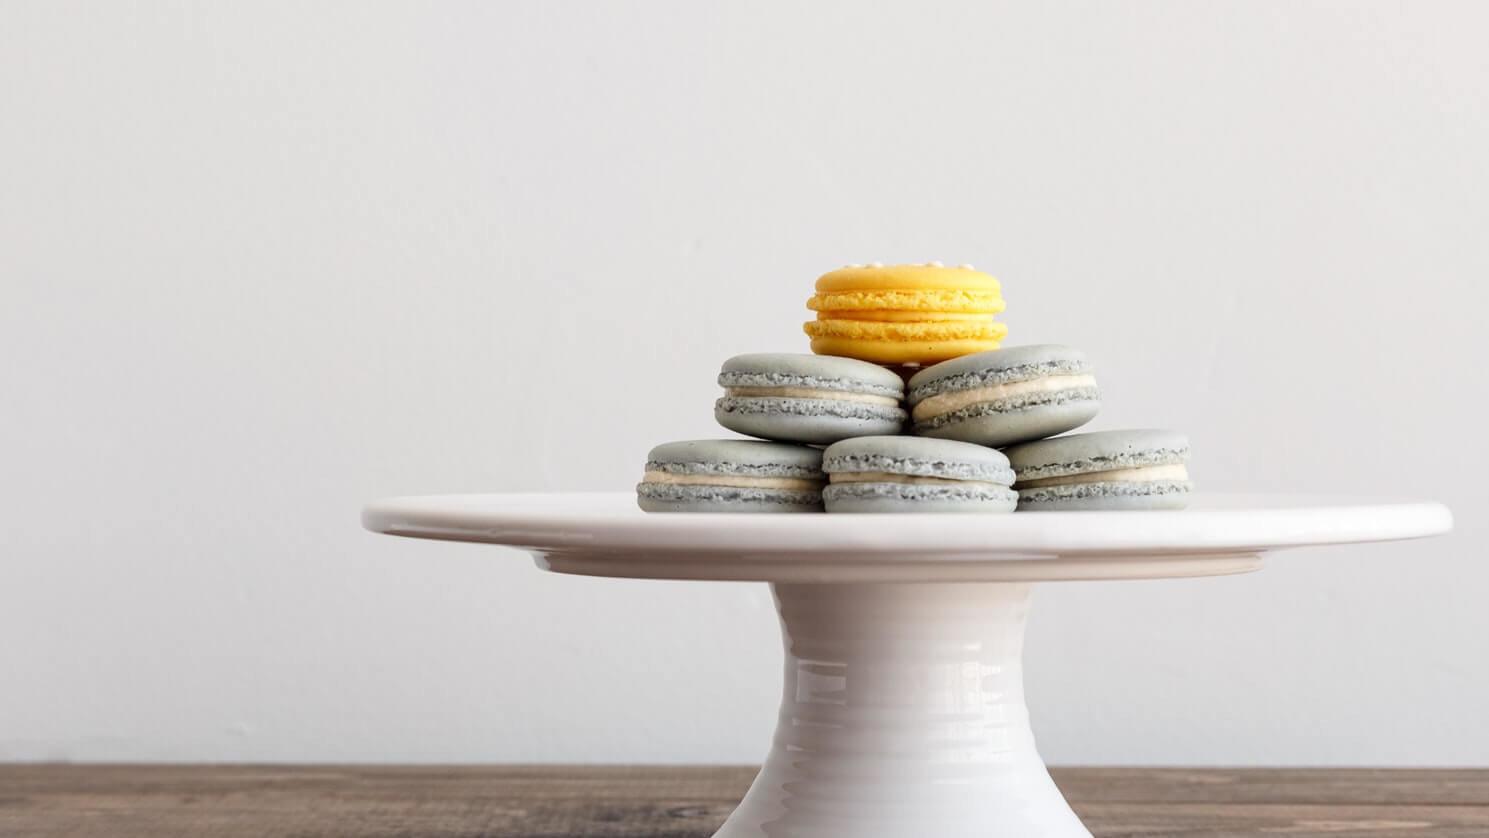 吃減糖馬卡龍可以變正能量?真的嗎?做對六件事輕鬆獲得正面情緒